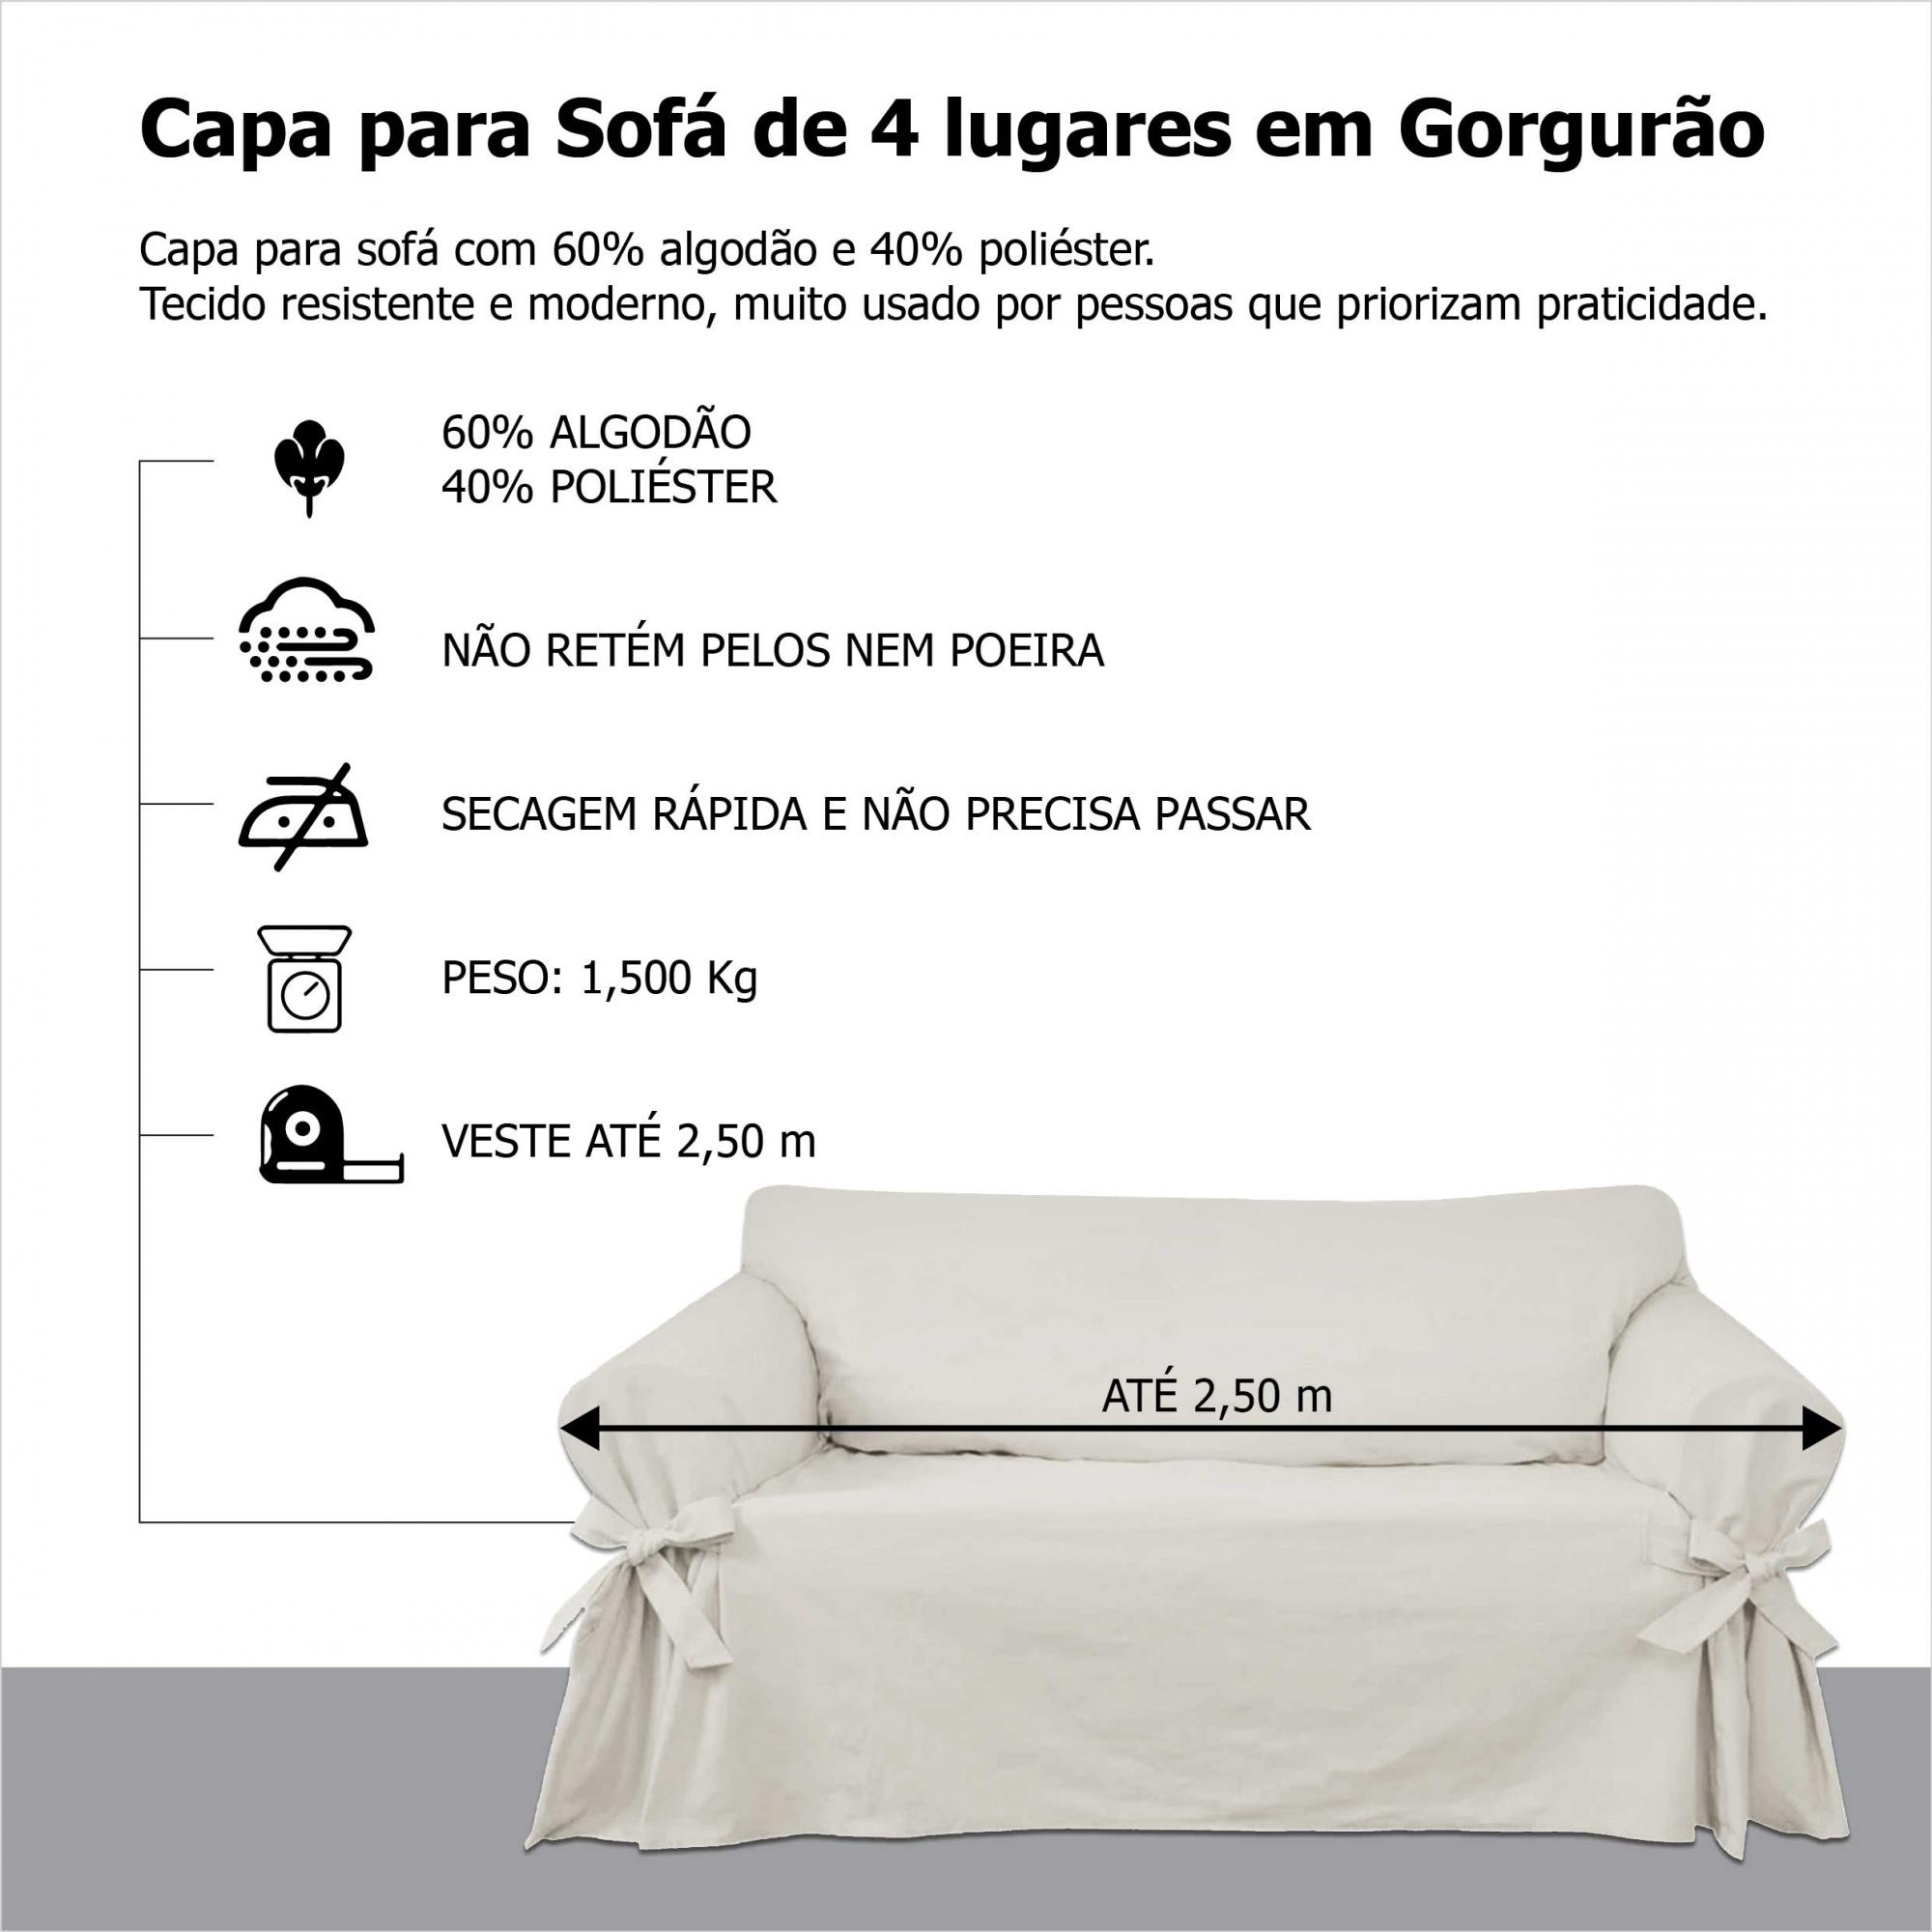 Kit 2 Capas p/ Sofá 3 e 4 lugs CRUA em Gorgurão